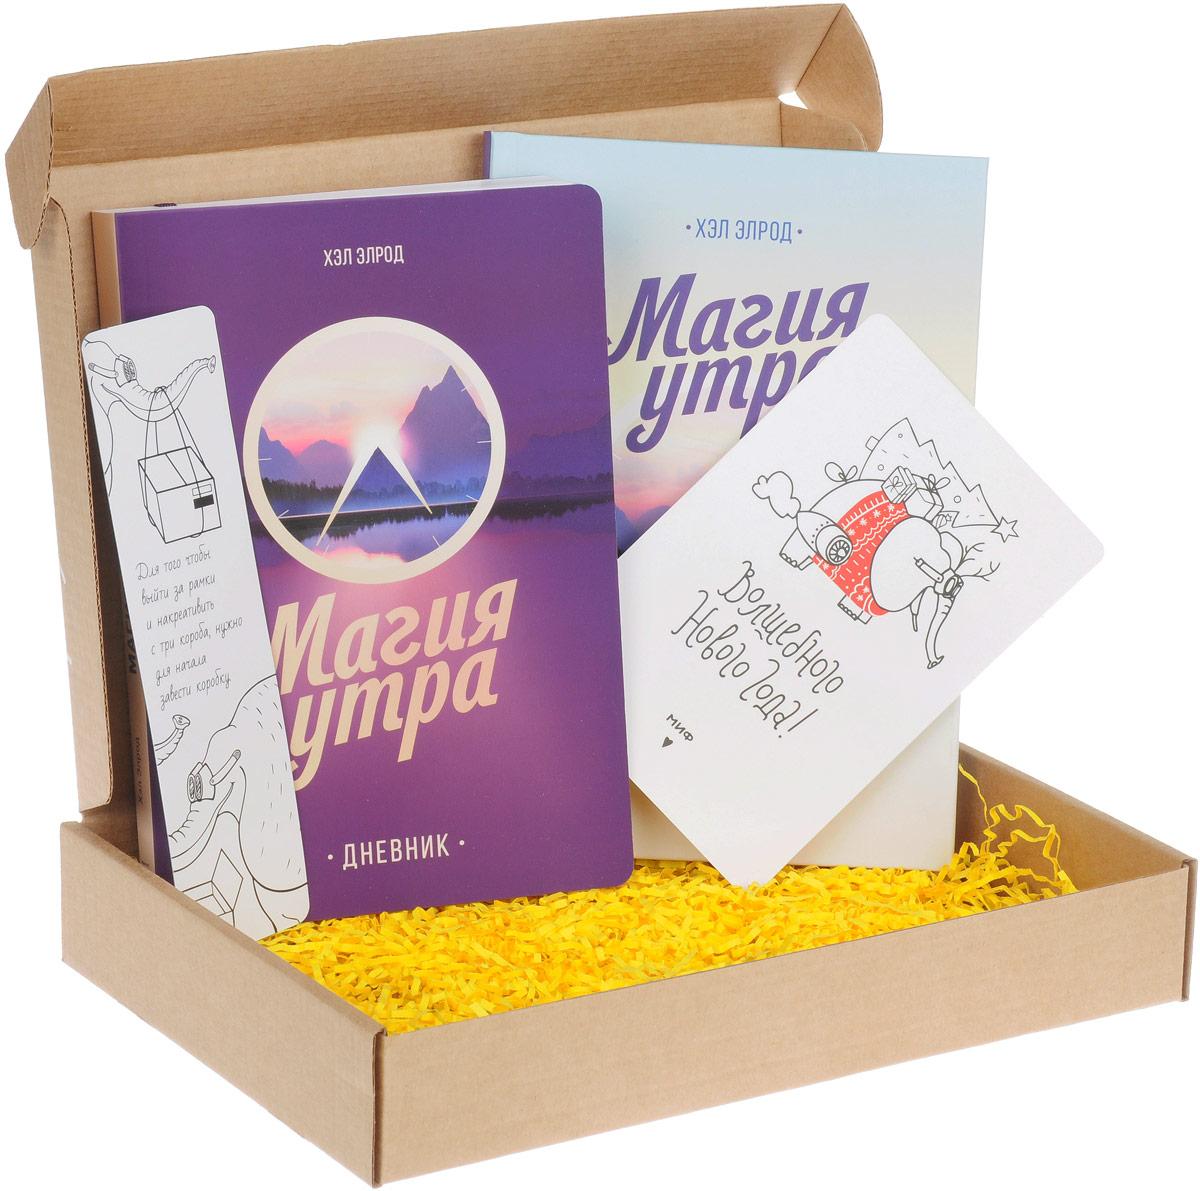 Магия утра (подарочный комплект)